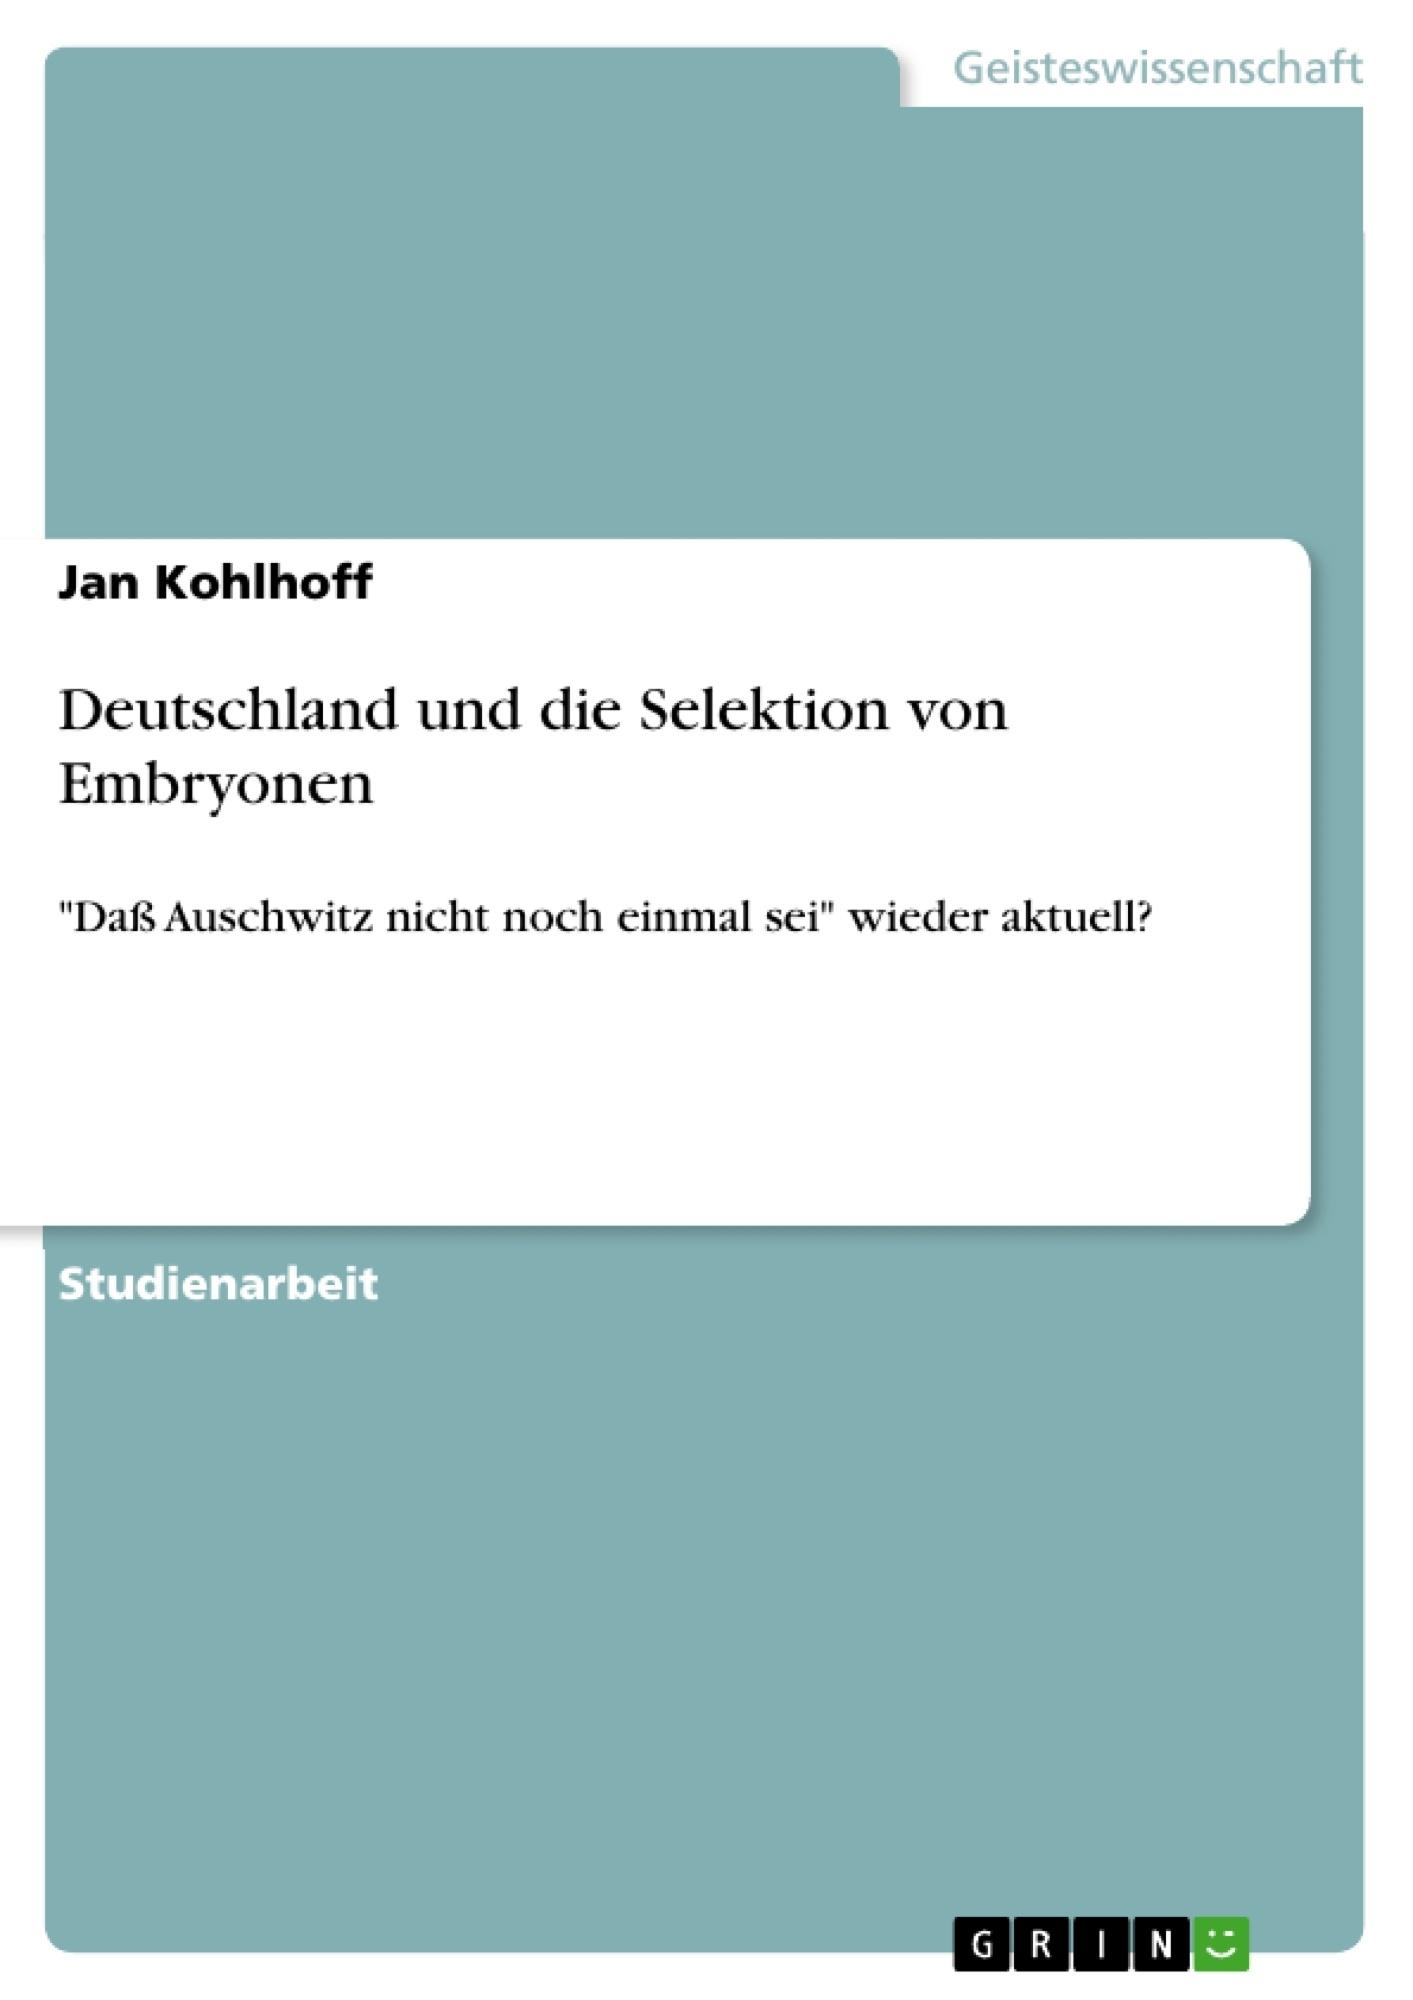 Titel: Deutschland und die Selektion von Embryonen